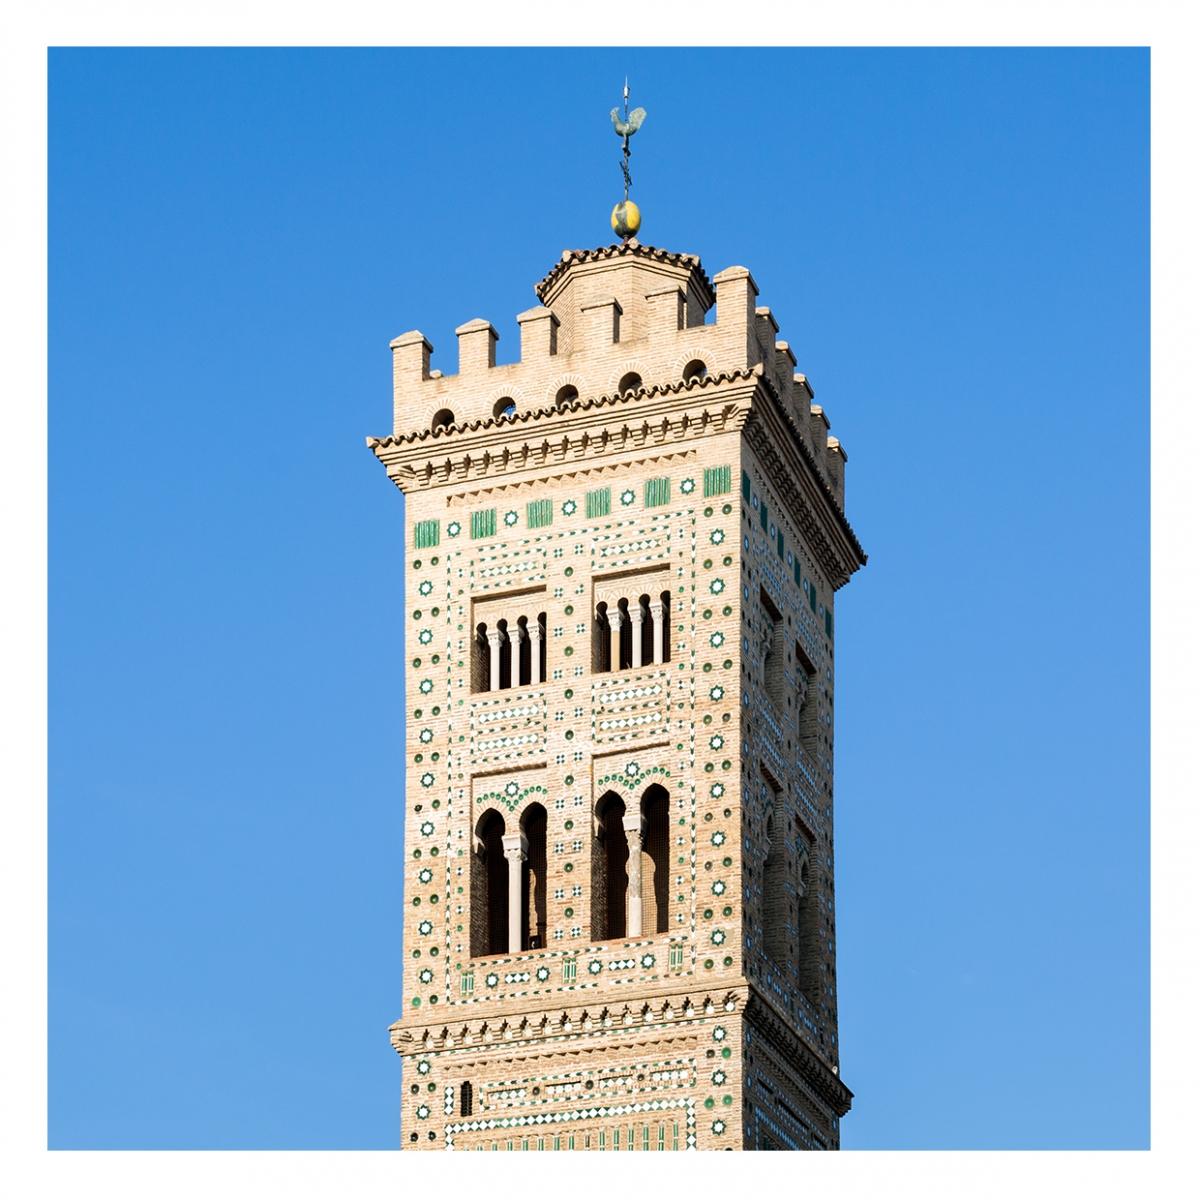 Imagen en la que se ve una torre